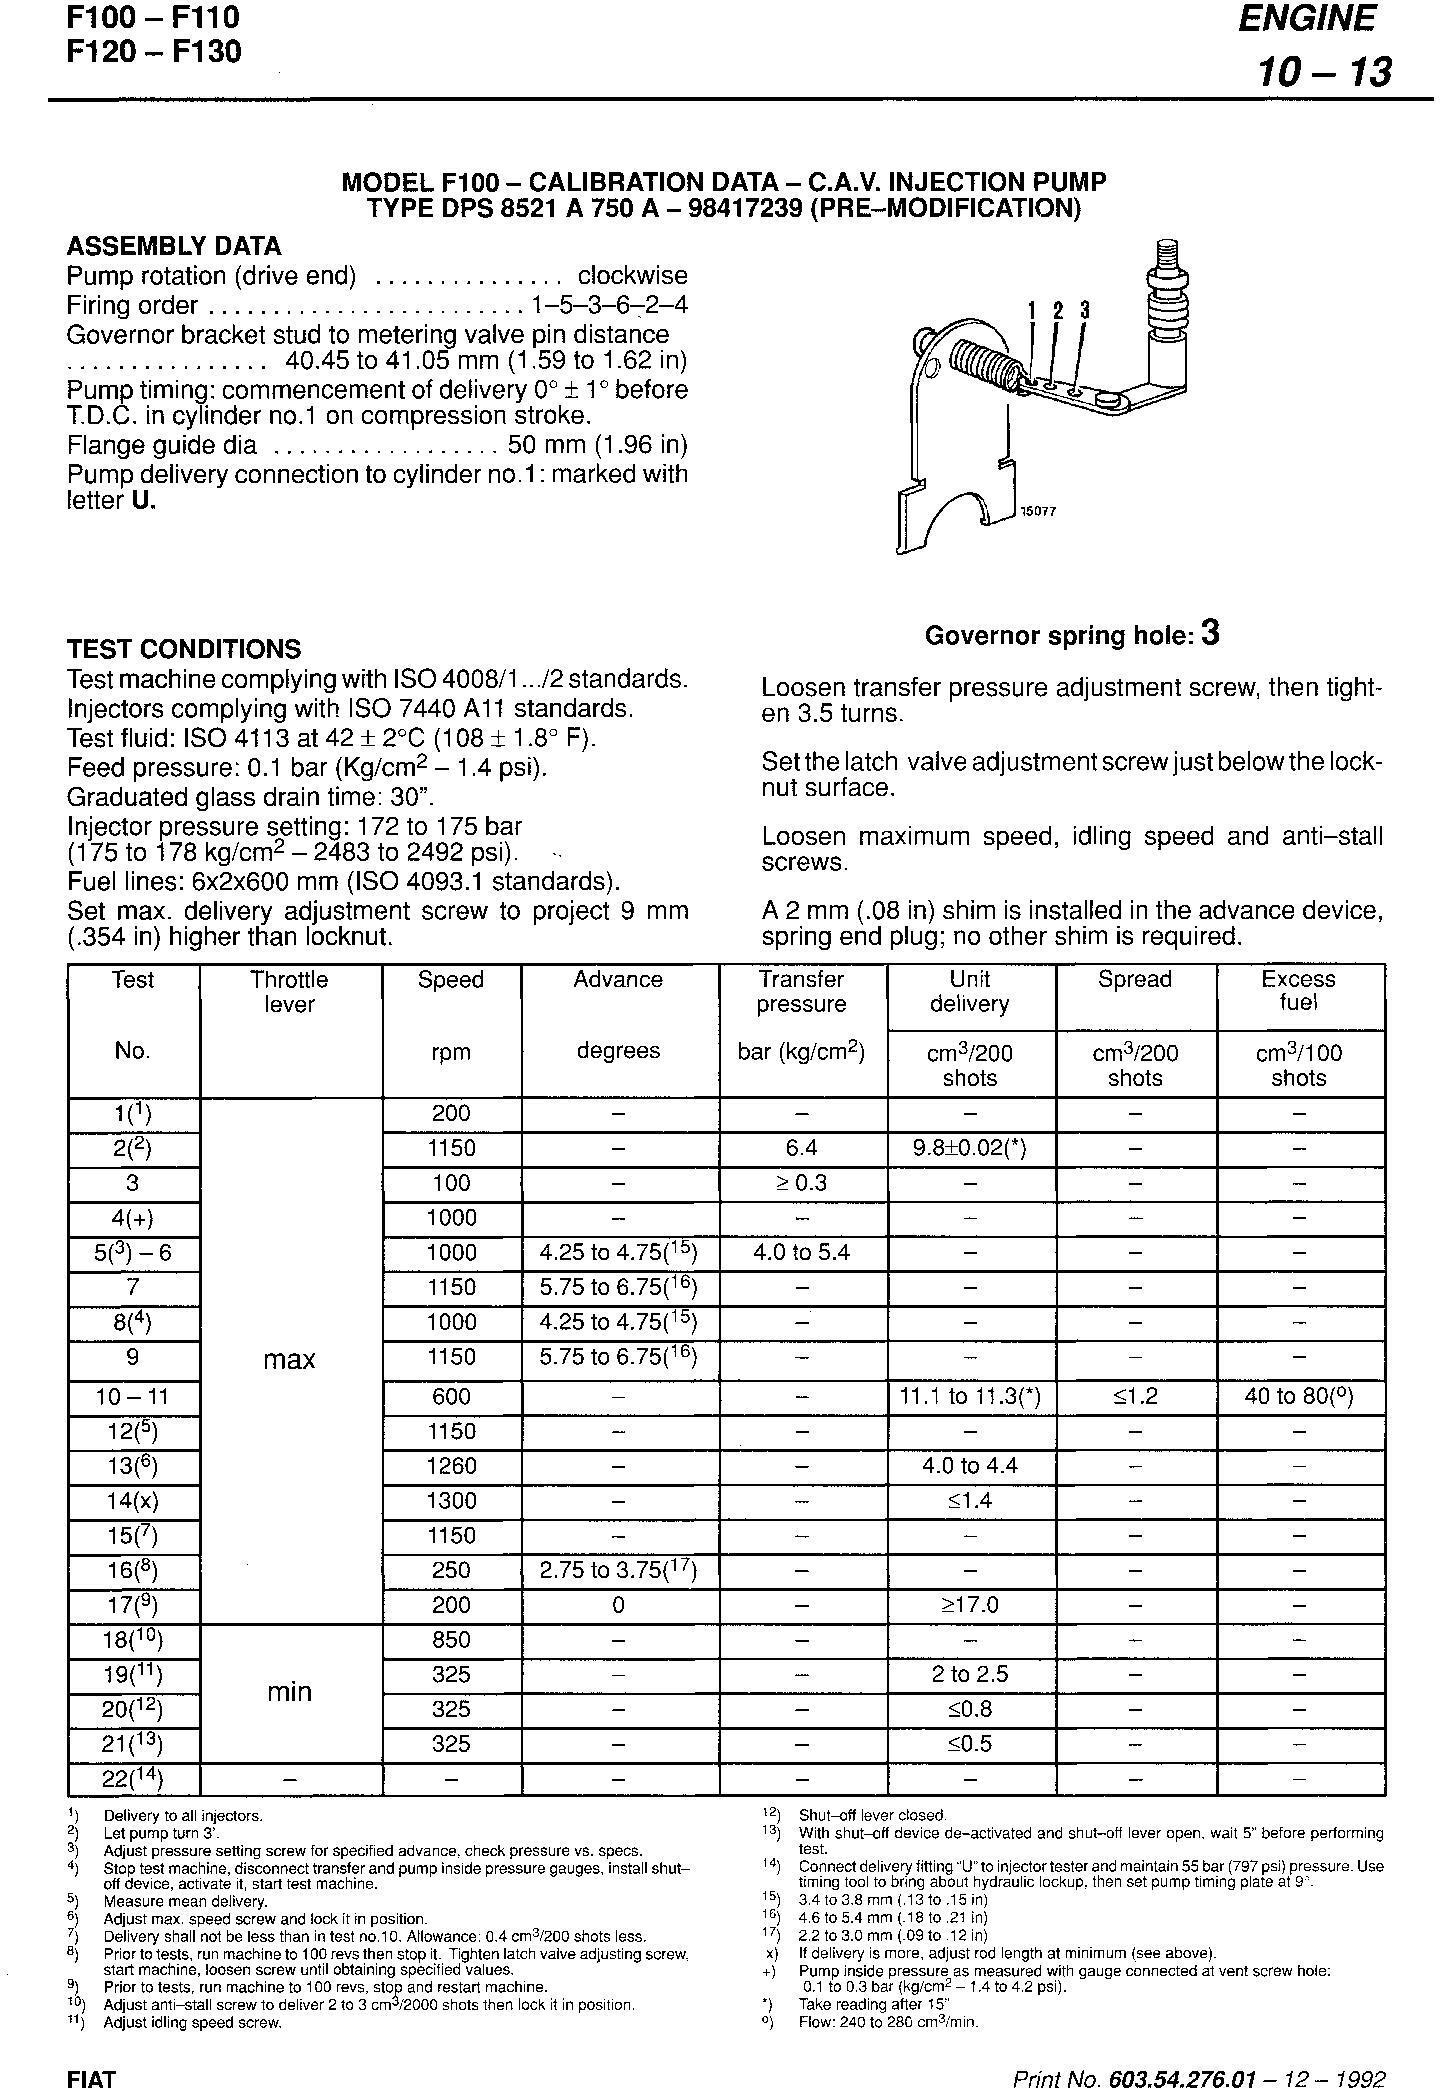 Fiat F100, F110, F120, F130 Turbo Tractor Service Manual (6035427601) - 1